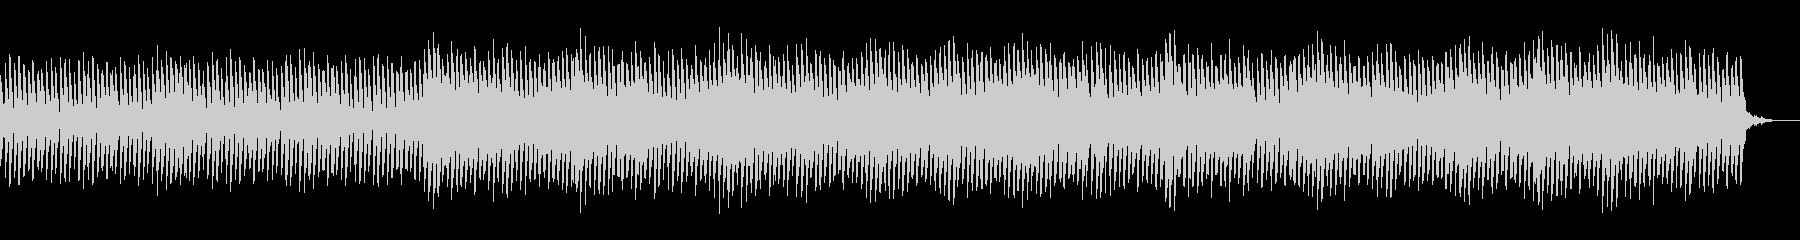 80sを感じさせるシンセサイザーBGMの未再生の波形